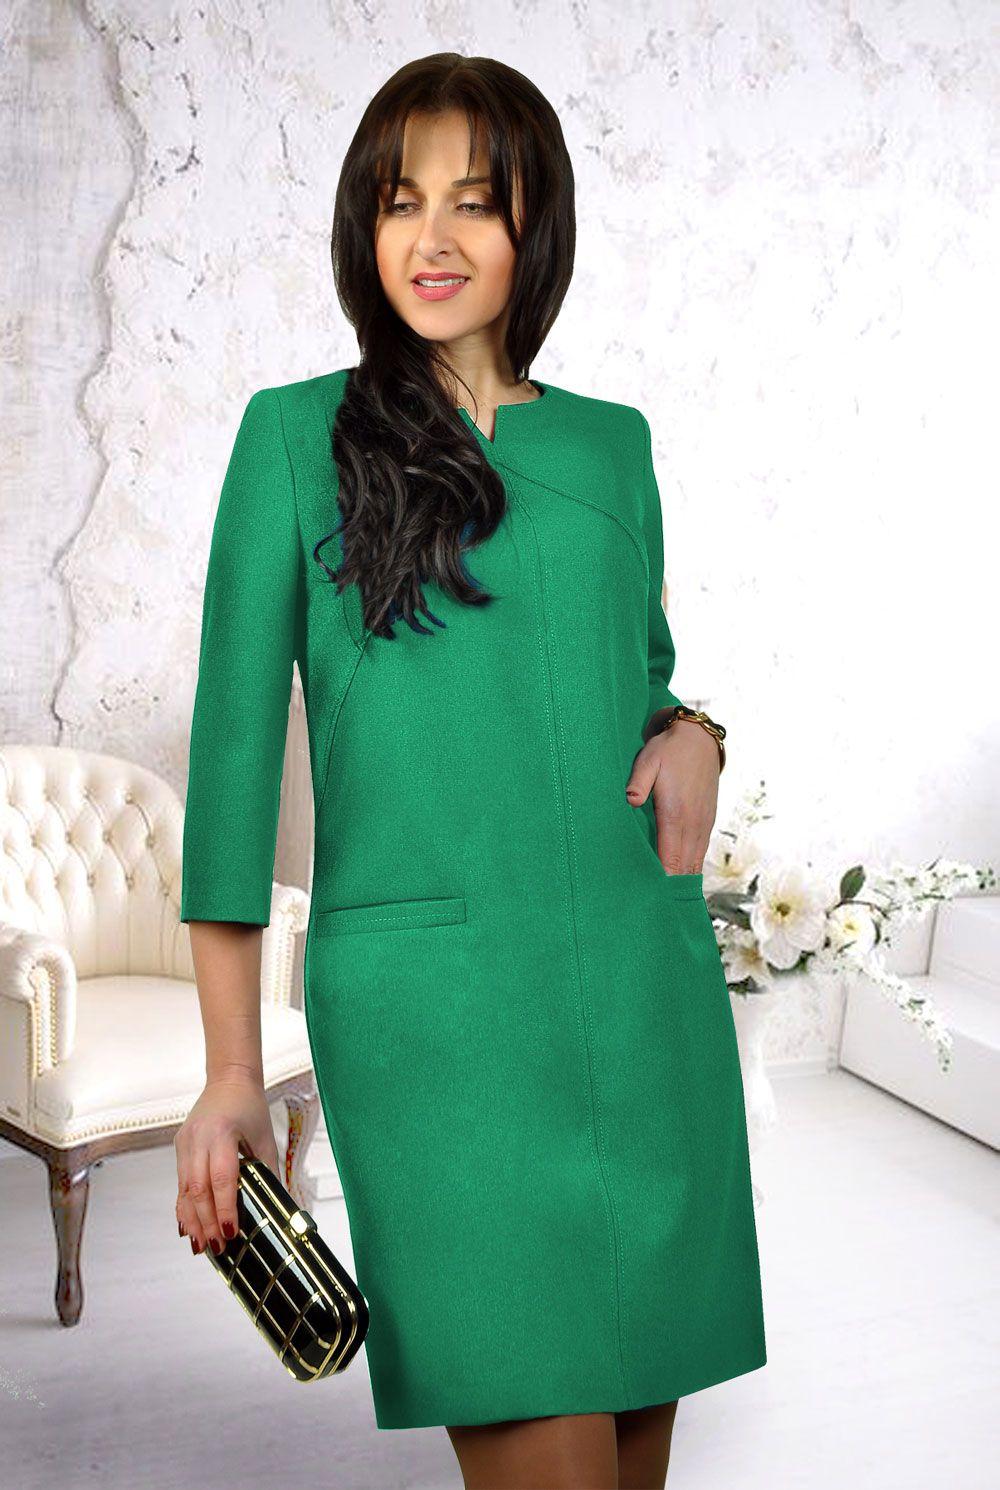 b9c96d88e8ebc96 Короткие платья мини купить, короткое платье в Астане, Алматы. eModa ...